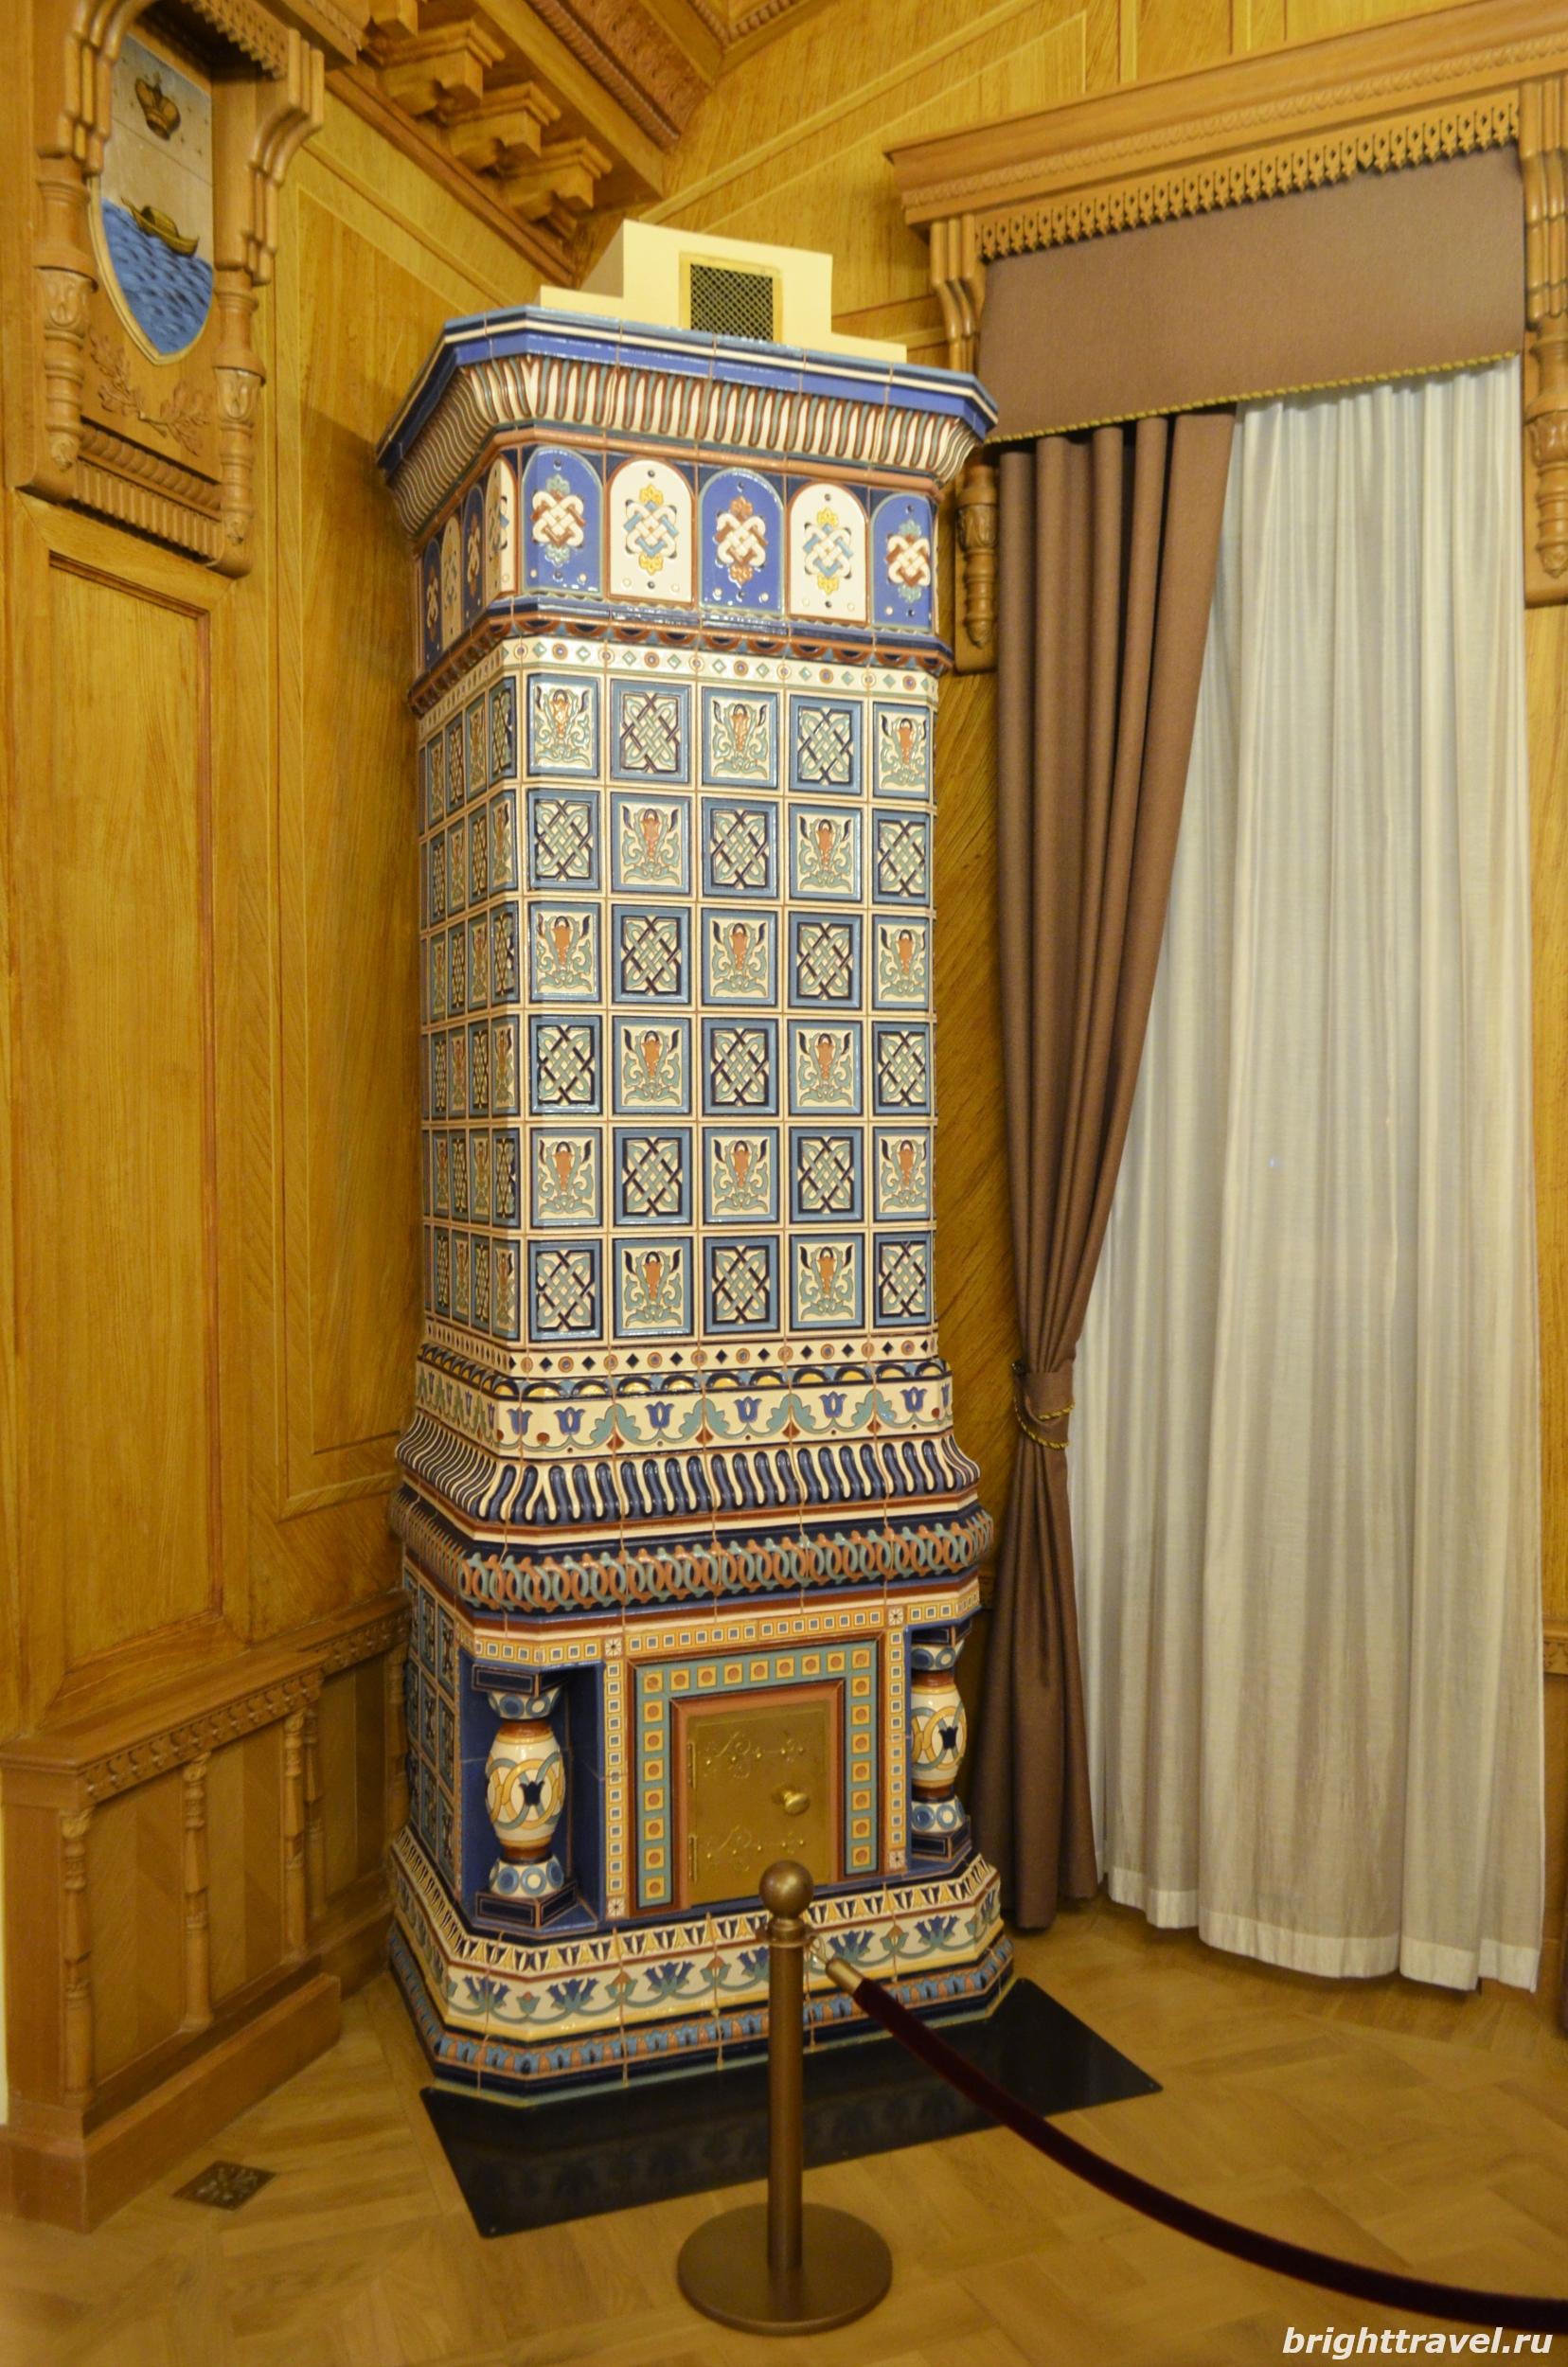 Фото камина в Гербовом зале Императорского дворца Твери